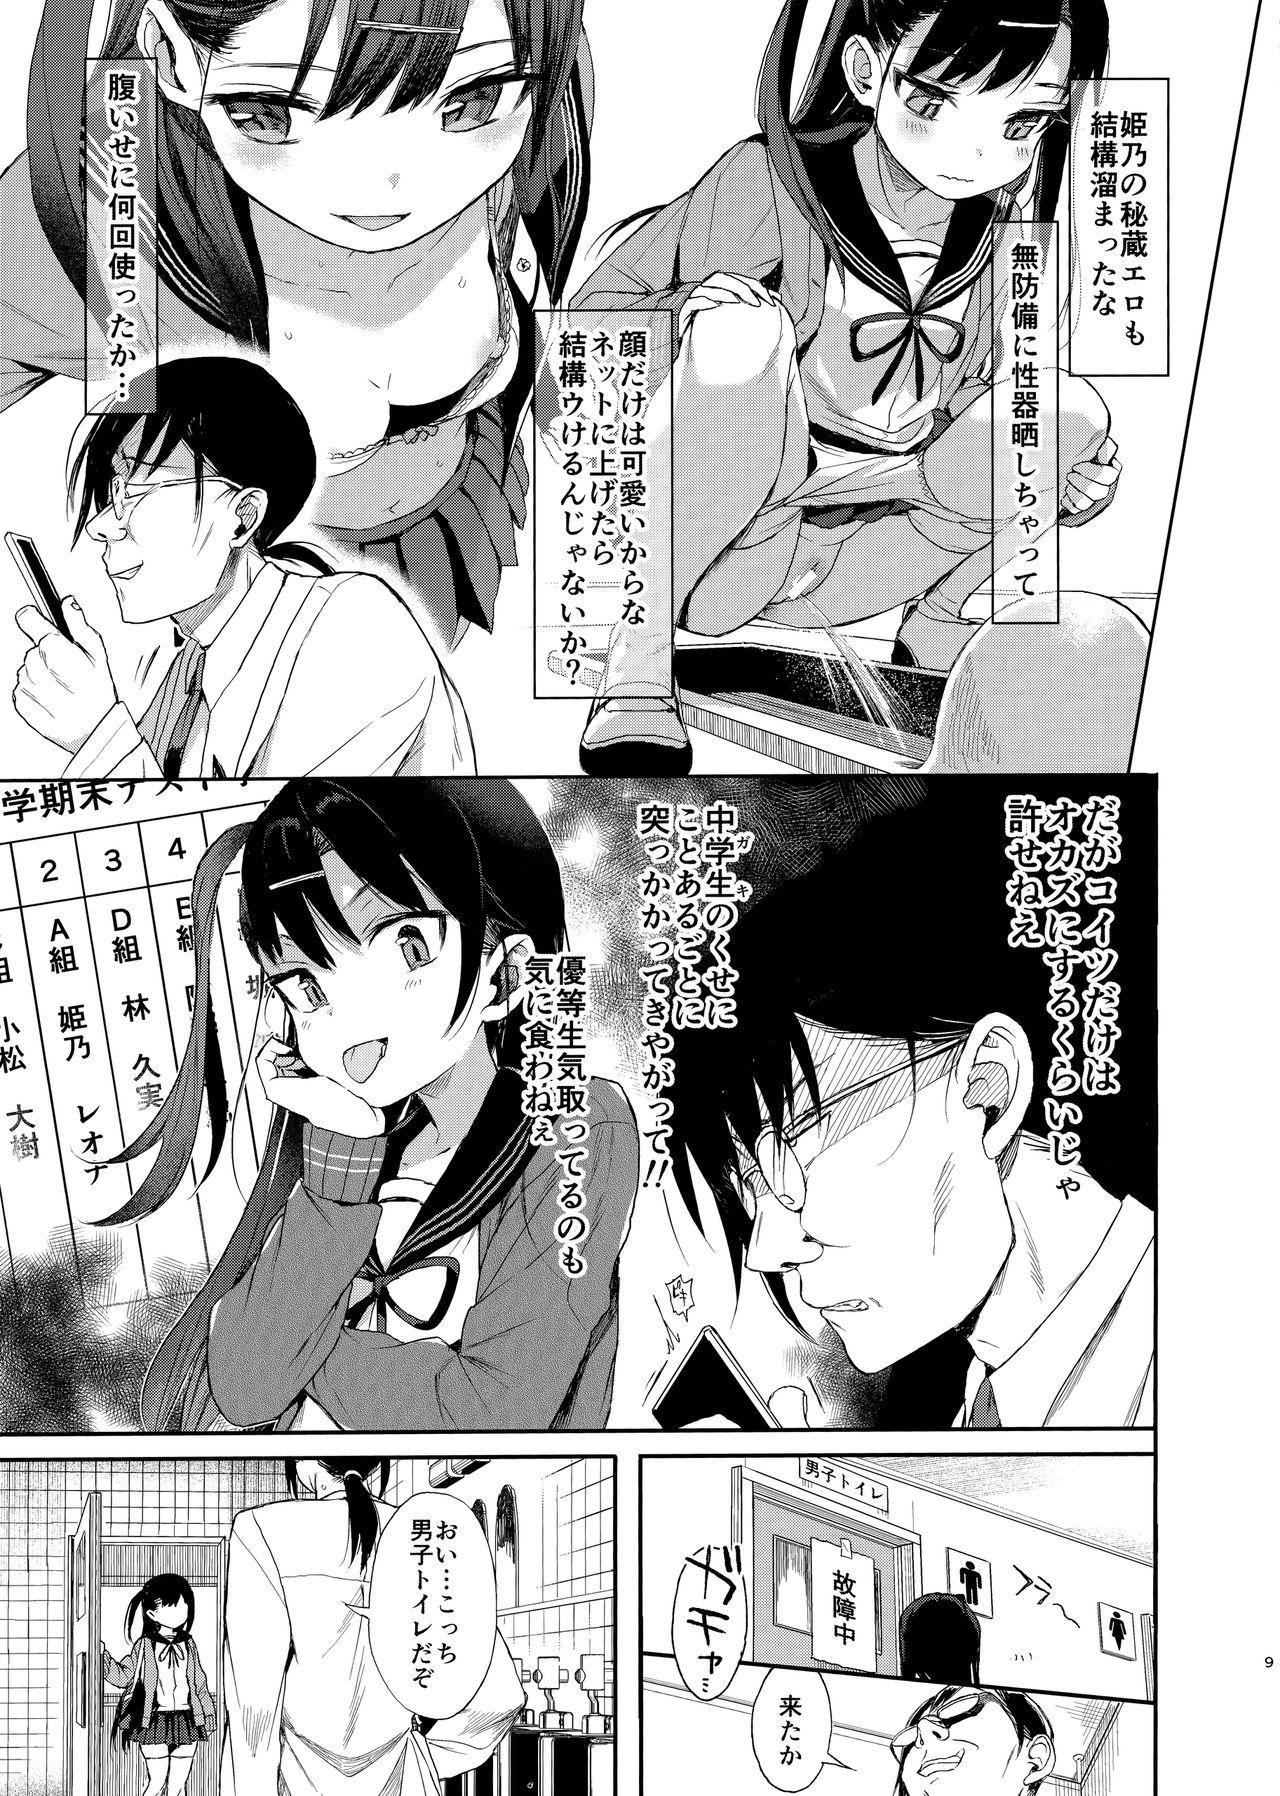 JC Saimin de Seikyouiku + JC no Omake 7